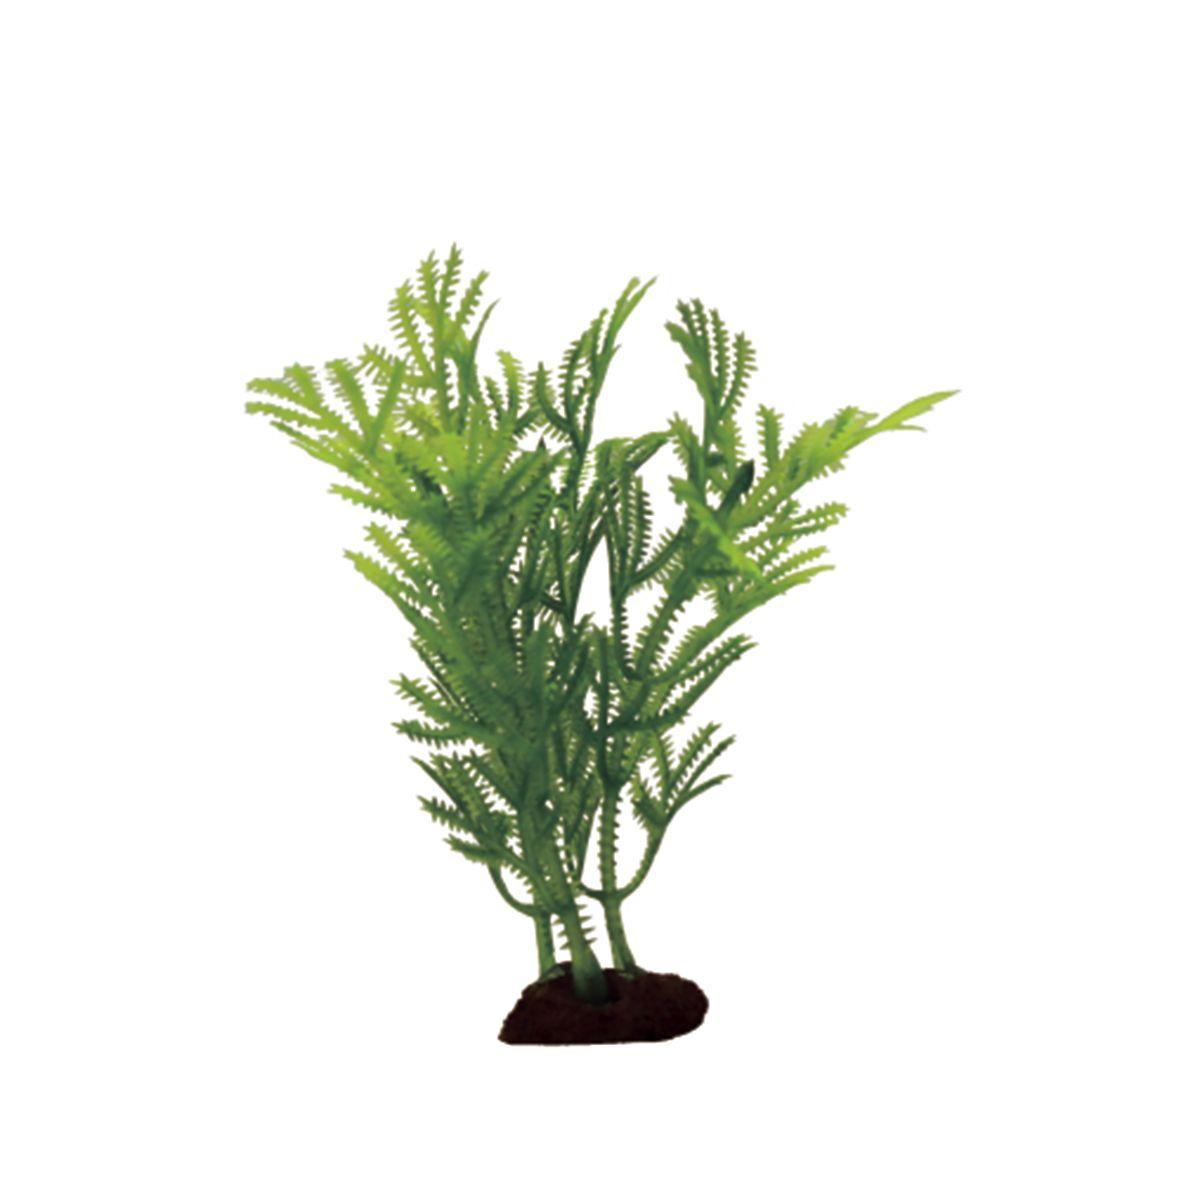 Растение для аквариума ArtUniq Хоттиния , высота 10 см, 6 шт0120710Композиция из искусственных растений ArtUniq превосходно украсит и оживит аквариум.Растения - это важная часть любой композиции, они помогут вдохнуть жизнь в ландшафт любого аквариума или террариума. А их сходствос природными порадует даже самых взыскательных ценителей.